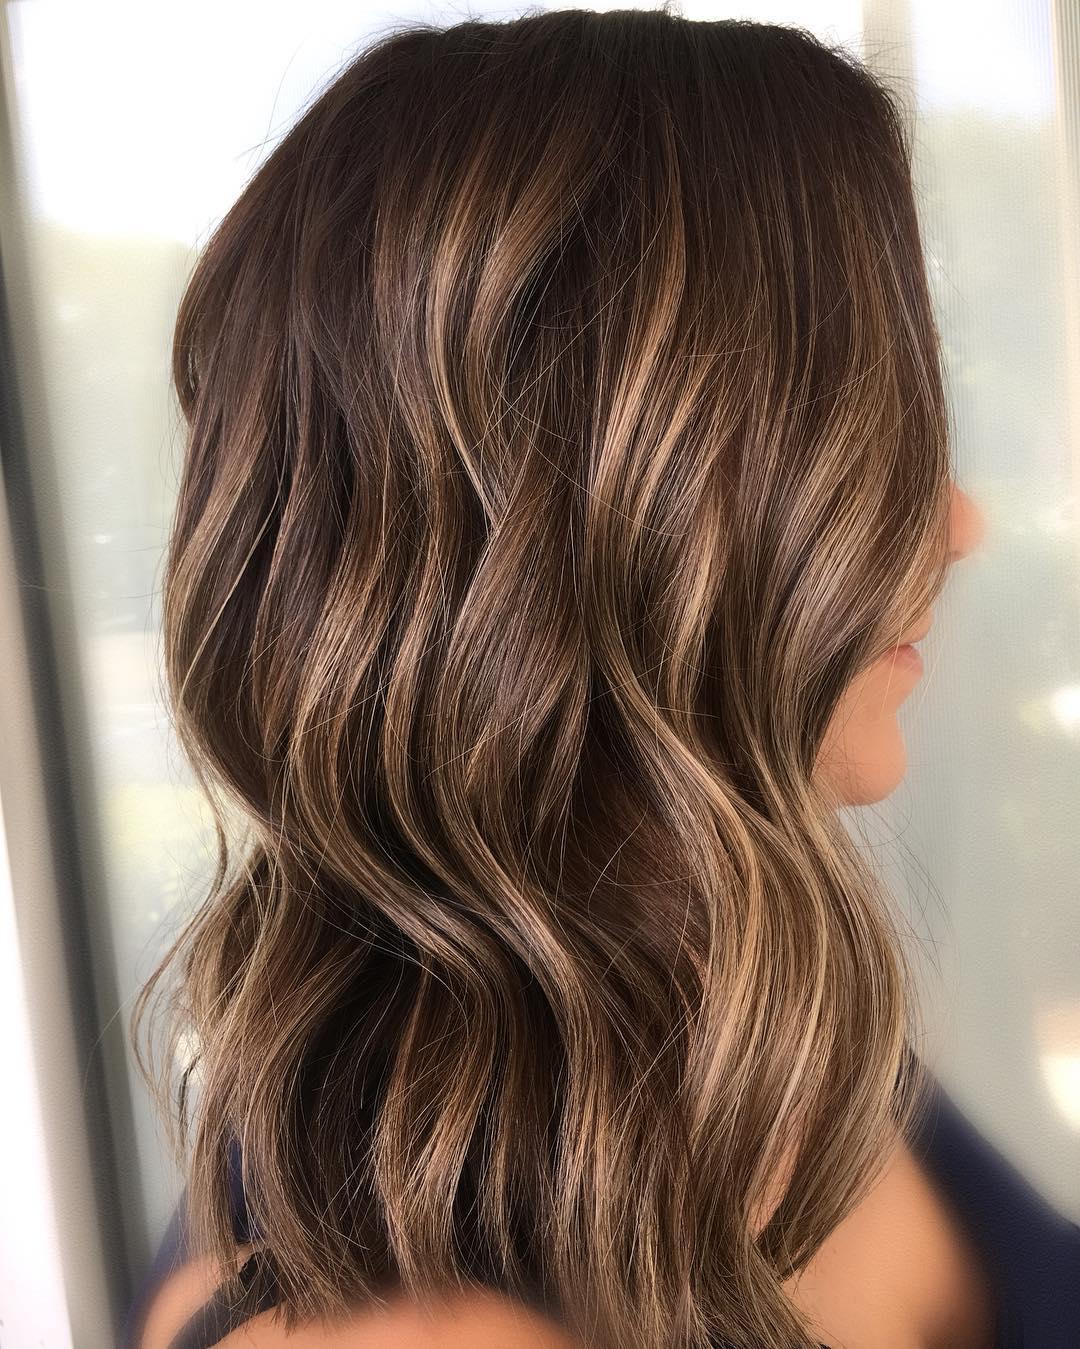 Модное окрашивание волос: лучшие идеи осенне-зимнего сезона 2020-2021